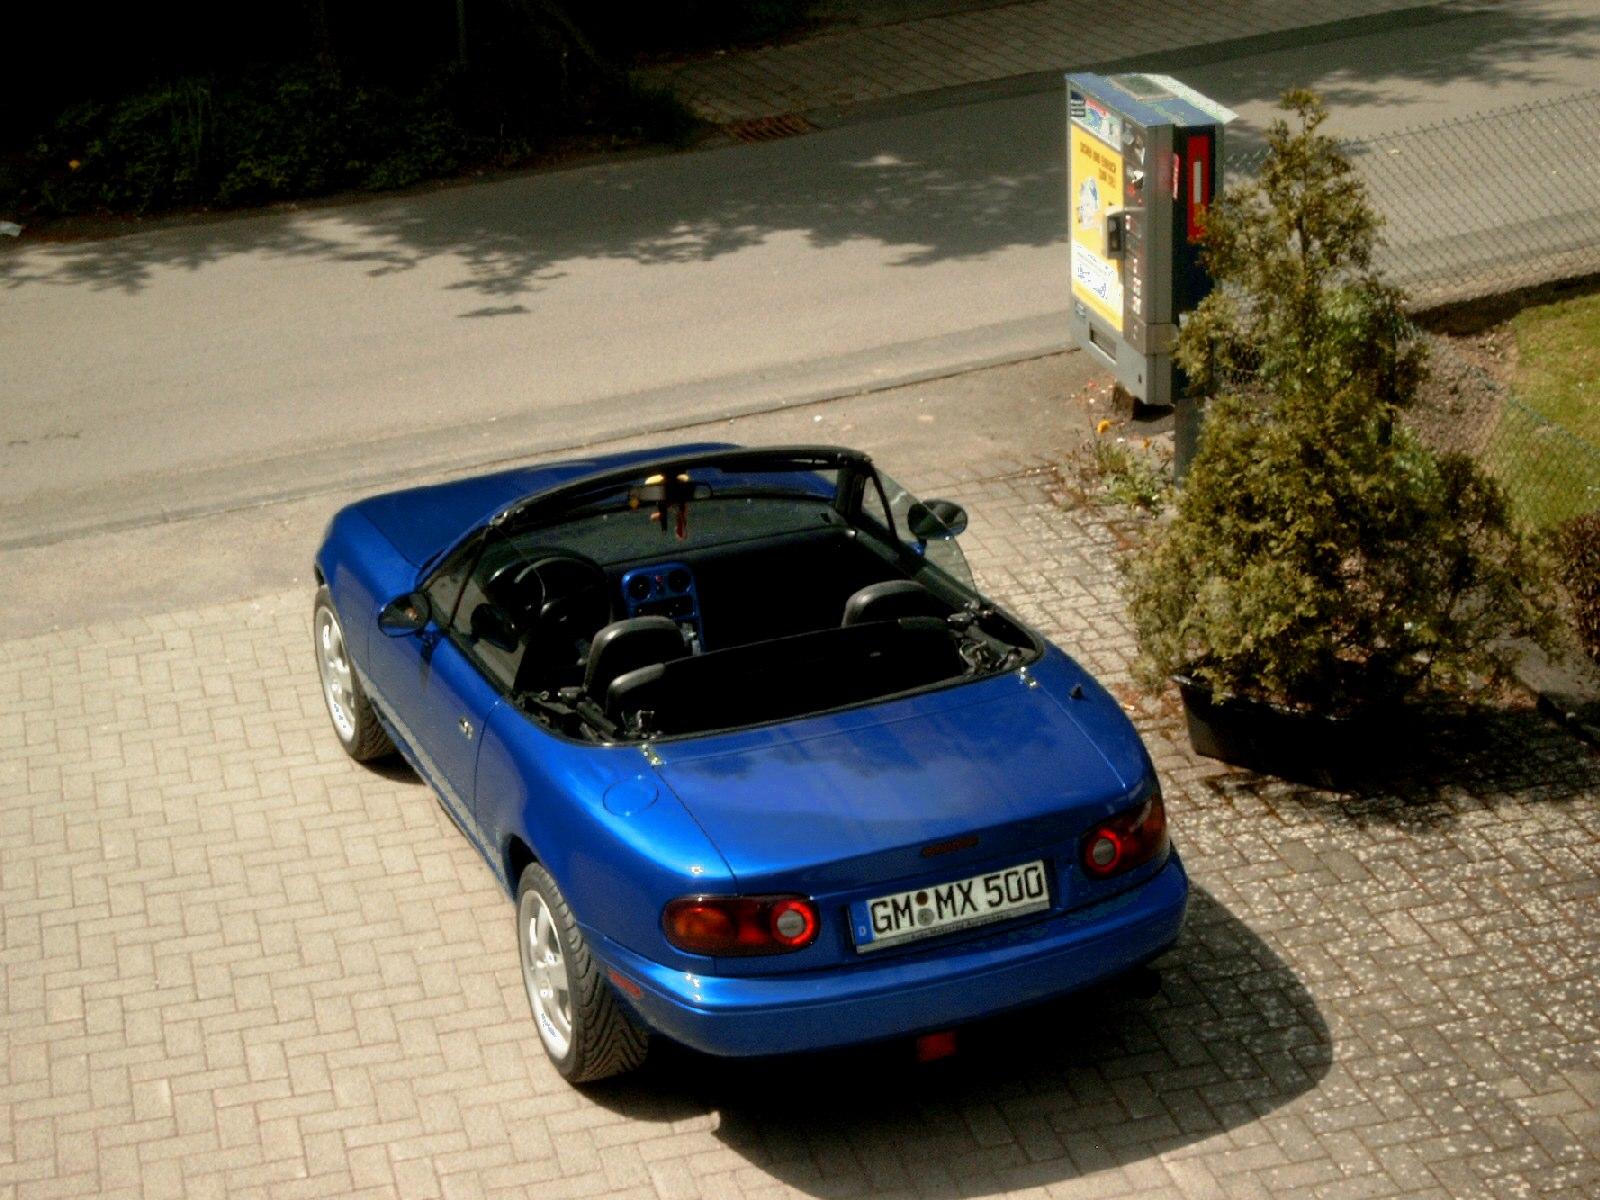 Mazda Mx5 Miata >> Home MX5 Miata - Mazda MX5 NA 93 Miata